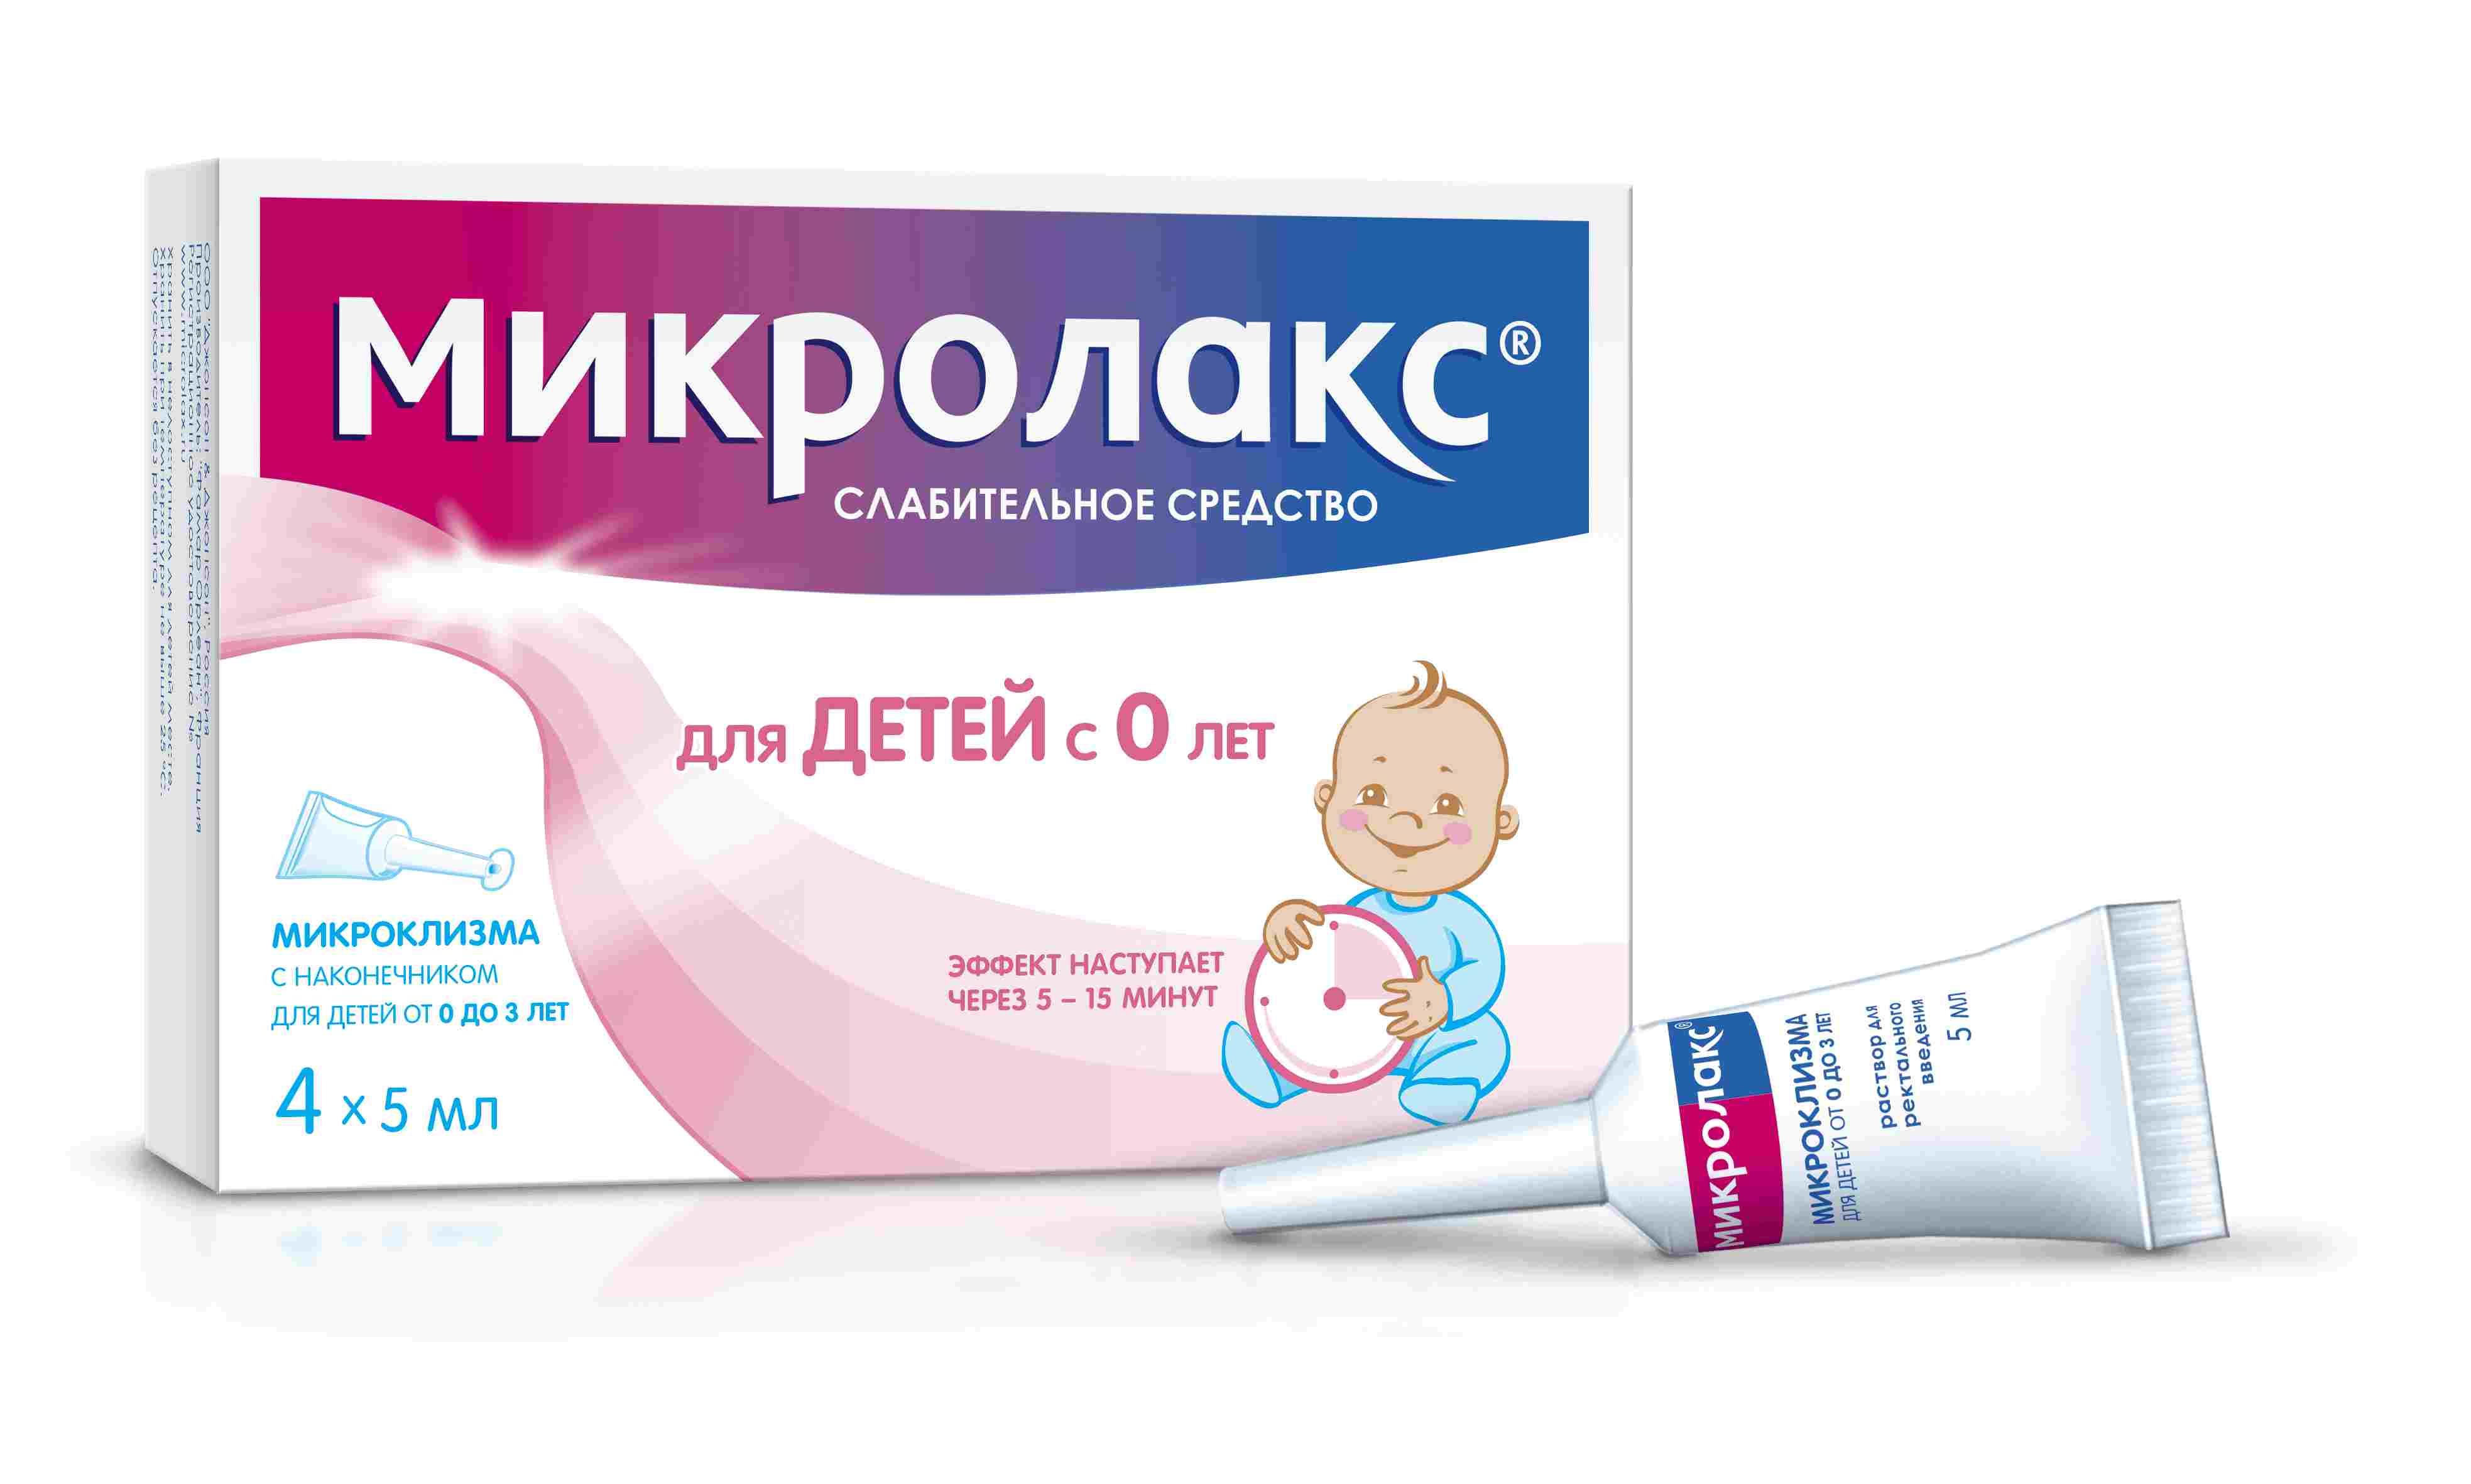 Микролакс для новорожденных: инструкция по применению микроклизмы ребенку